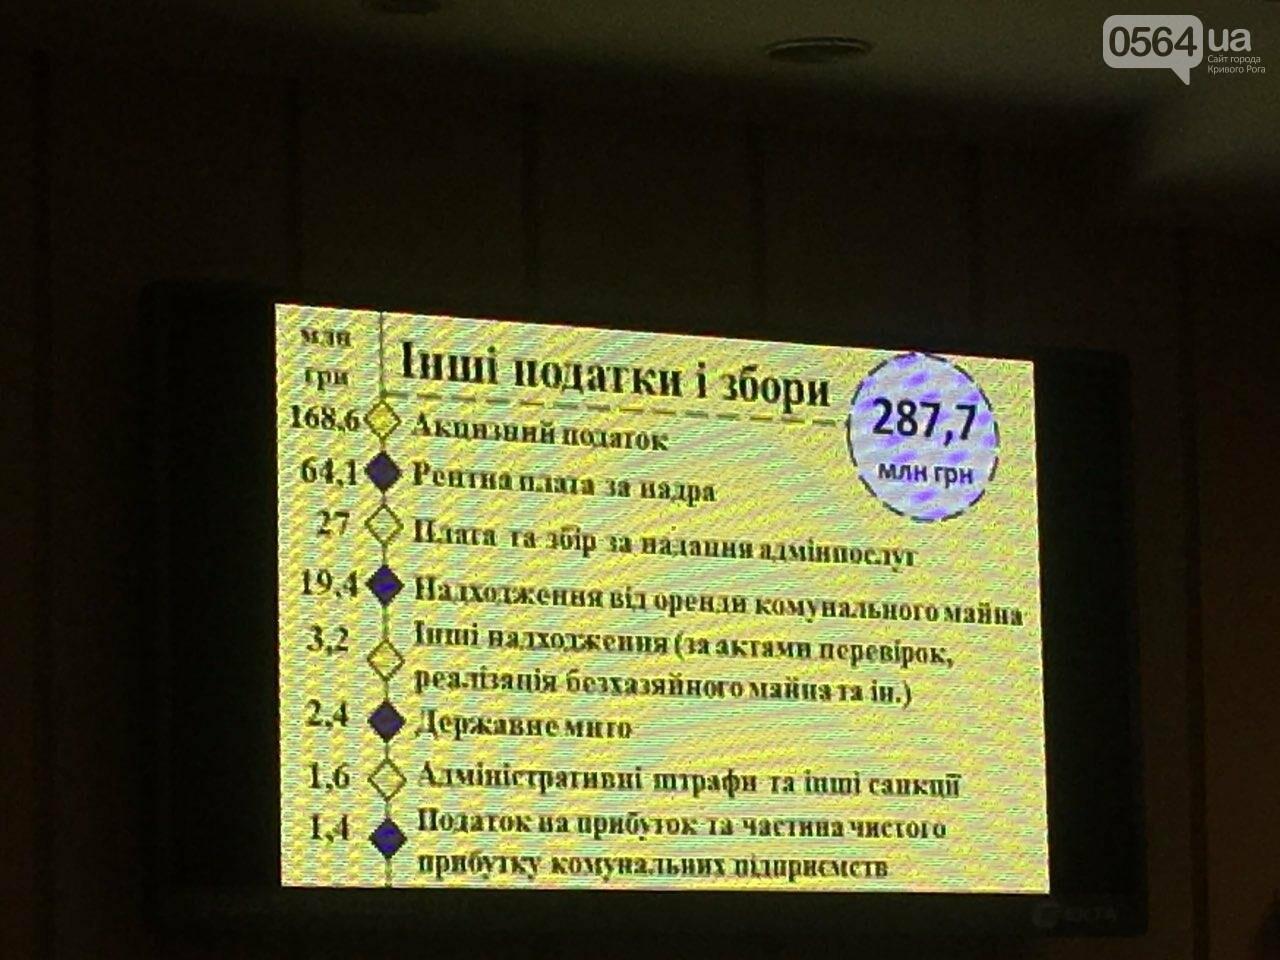 На что криворожские депутаты предлагают потратить почти 7,5 миллиардов из бюджета города, - ФОТО, фото-14